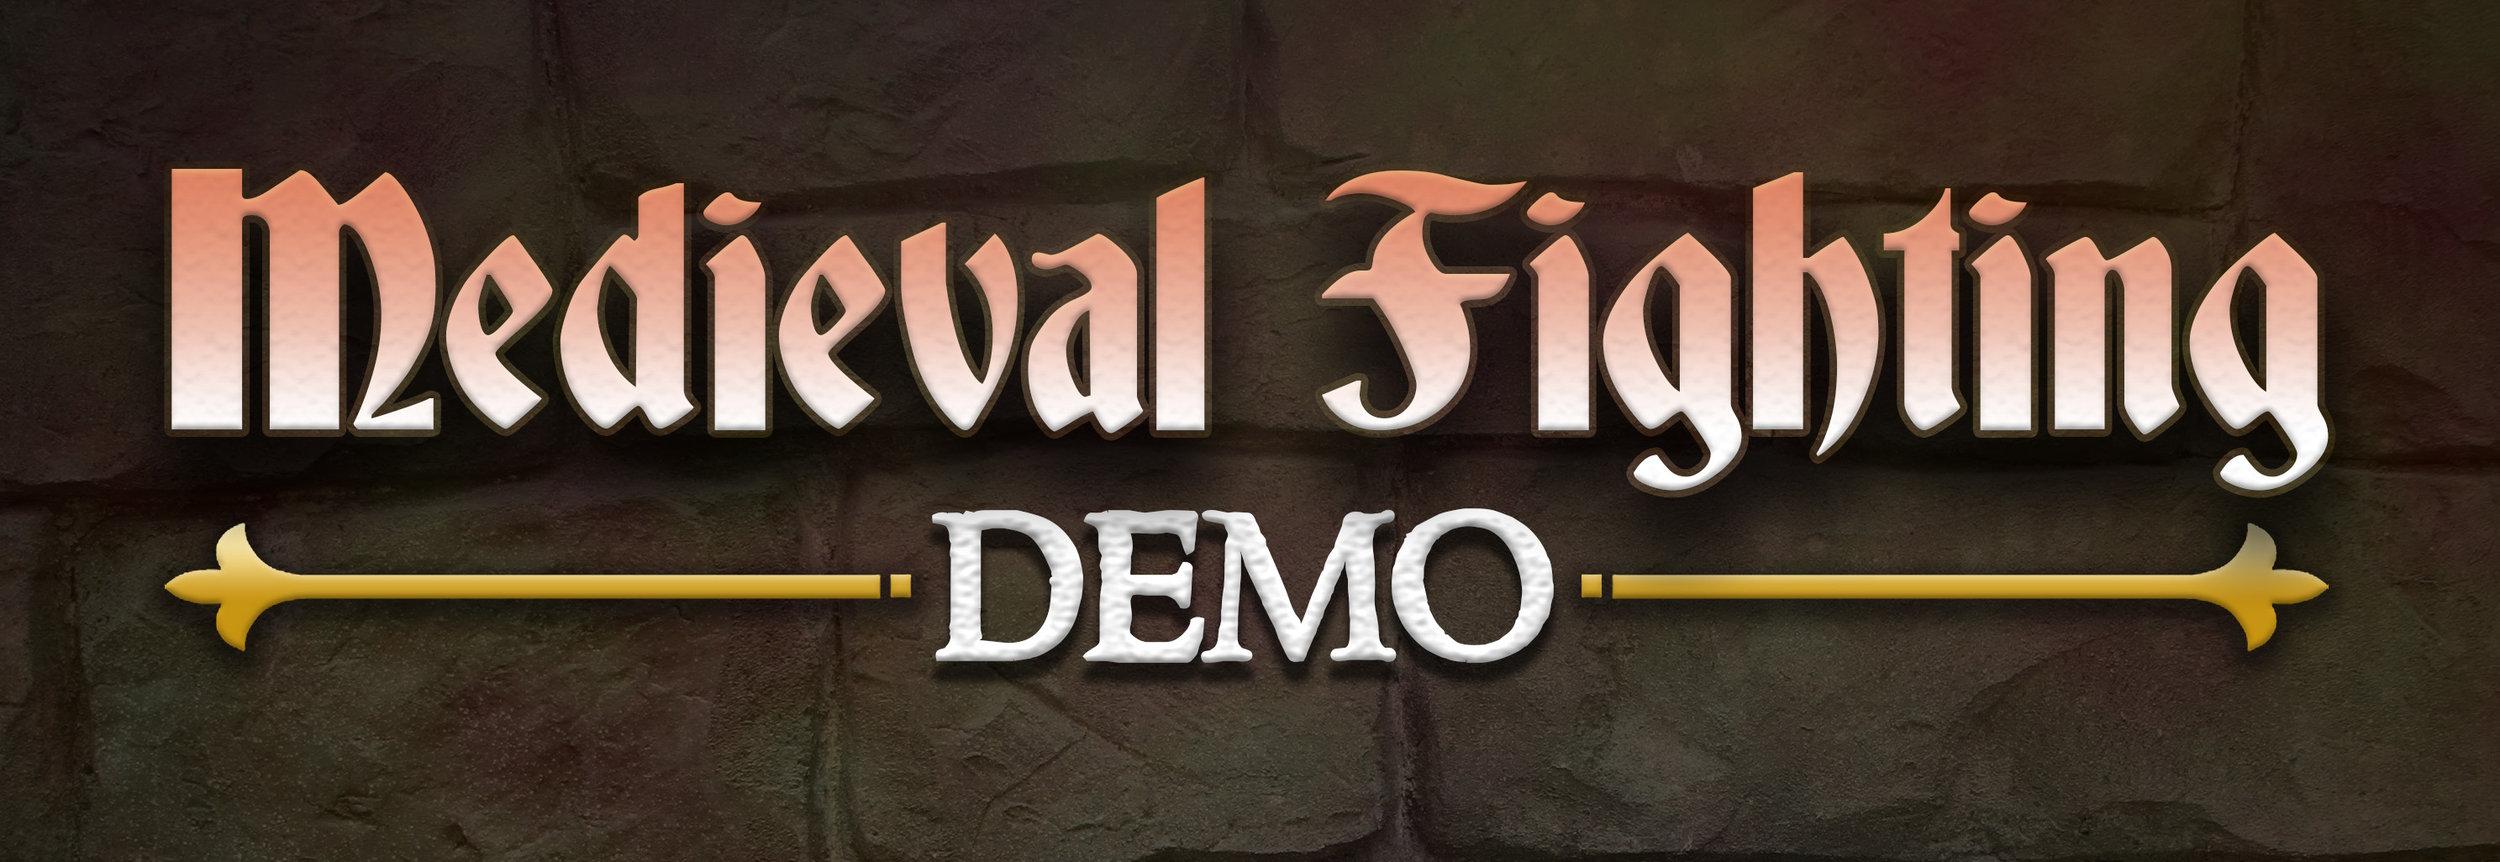 Medieval Fighting Demo.jpg